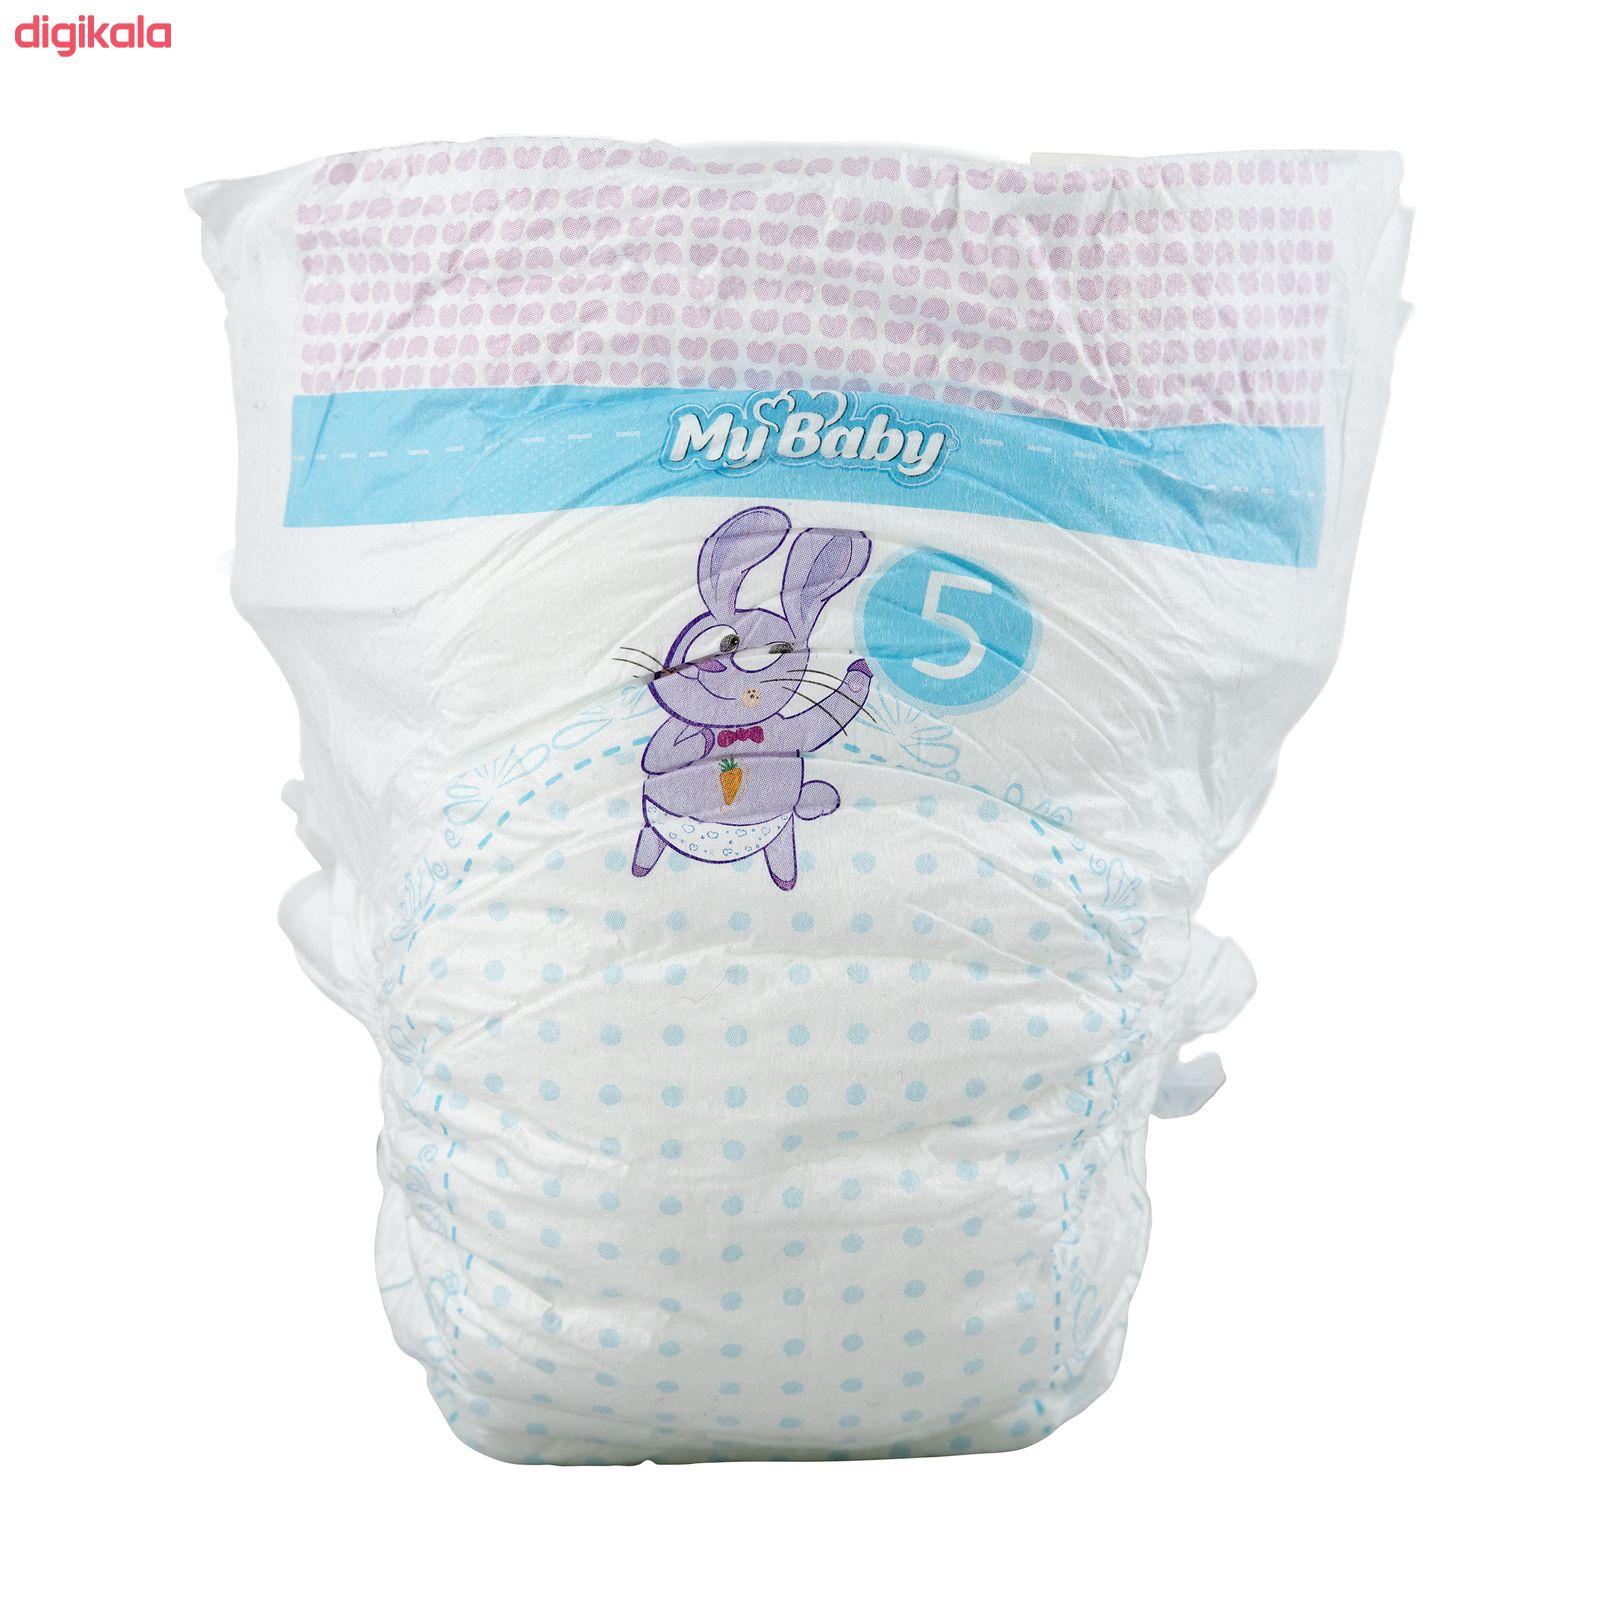 پوشک مای بیبی آبی سری مهربان با پوست سایز 5 بسته 28 عددی main 1 5